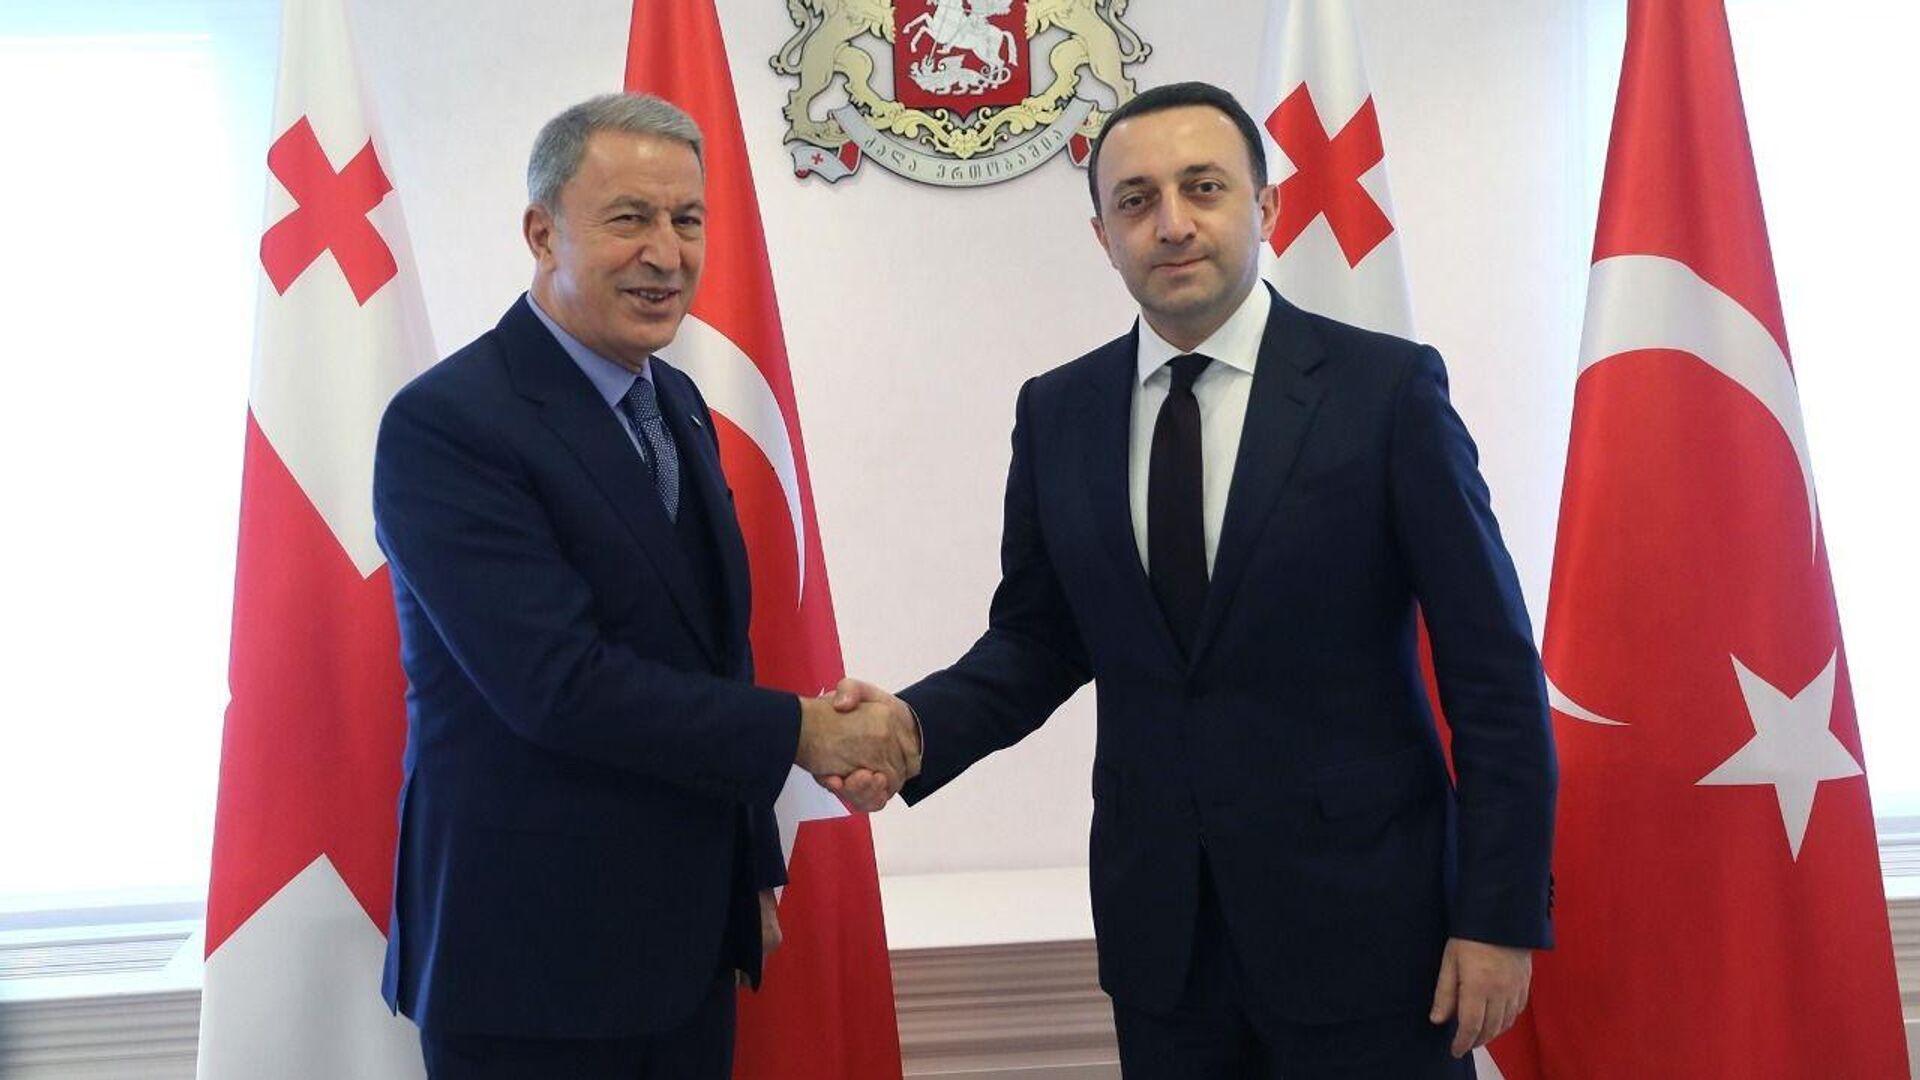 Встреча премьер-министра Грузии Ираклия Гарибашвили и министра обороны Турции Хулуси Акара - Sputnik Грузия, 1920, 04.10.2021